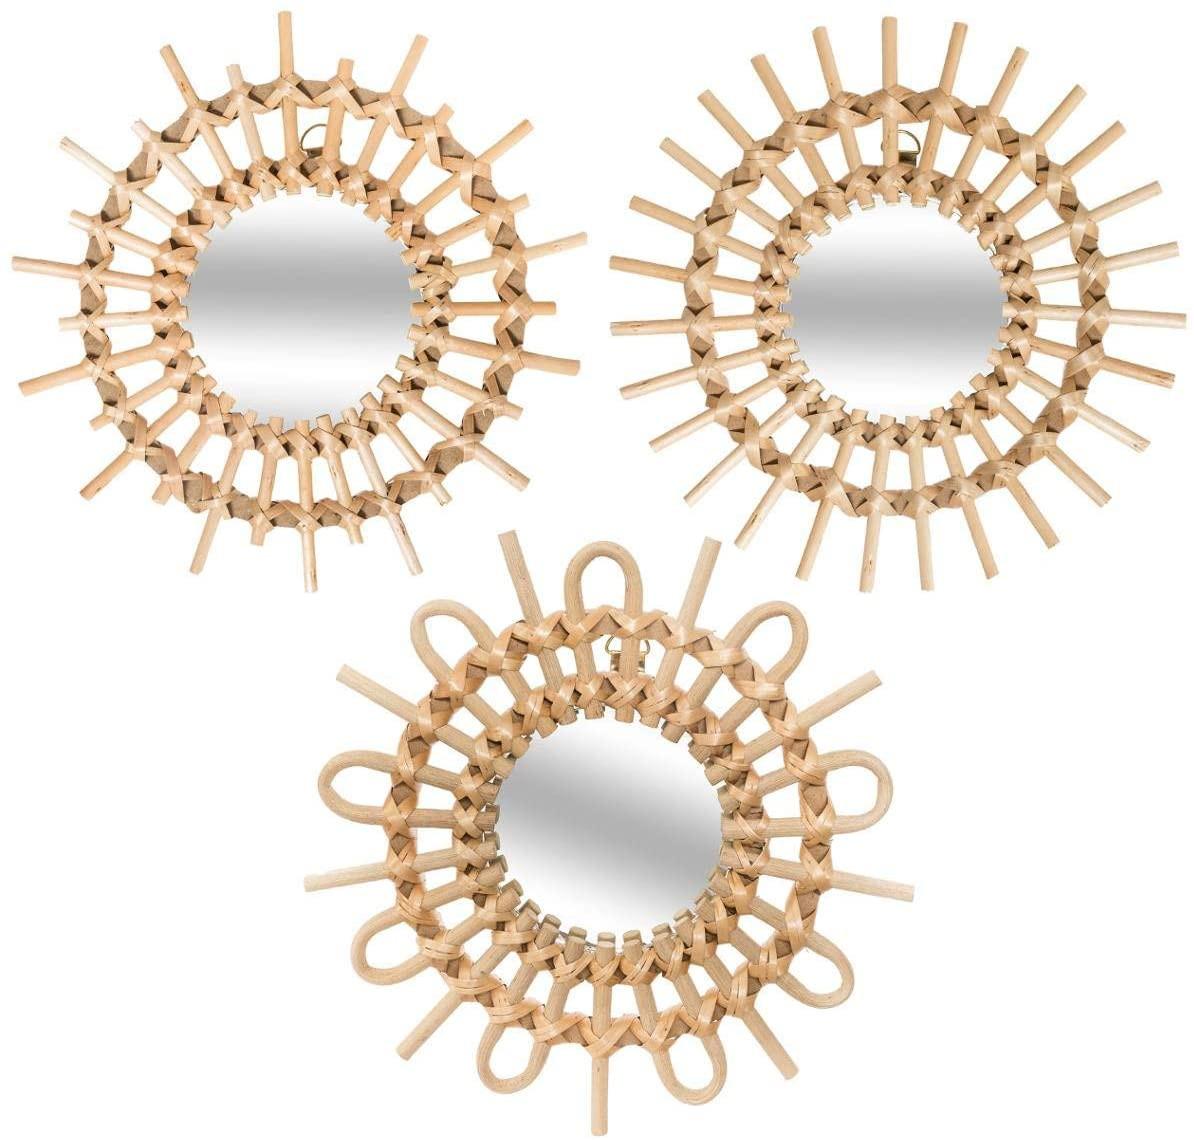 Espejos Pared  Decorativos de Ratán Geométricos, ideales para Dormitorio. Diseño Moderno/Original. Juego de 3 - Hogar y Más